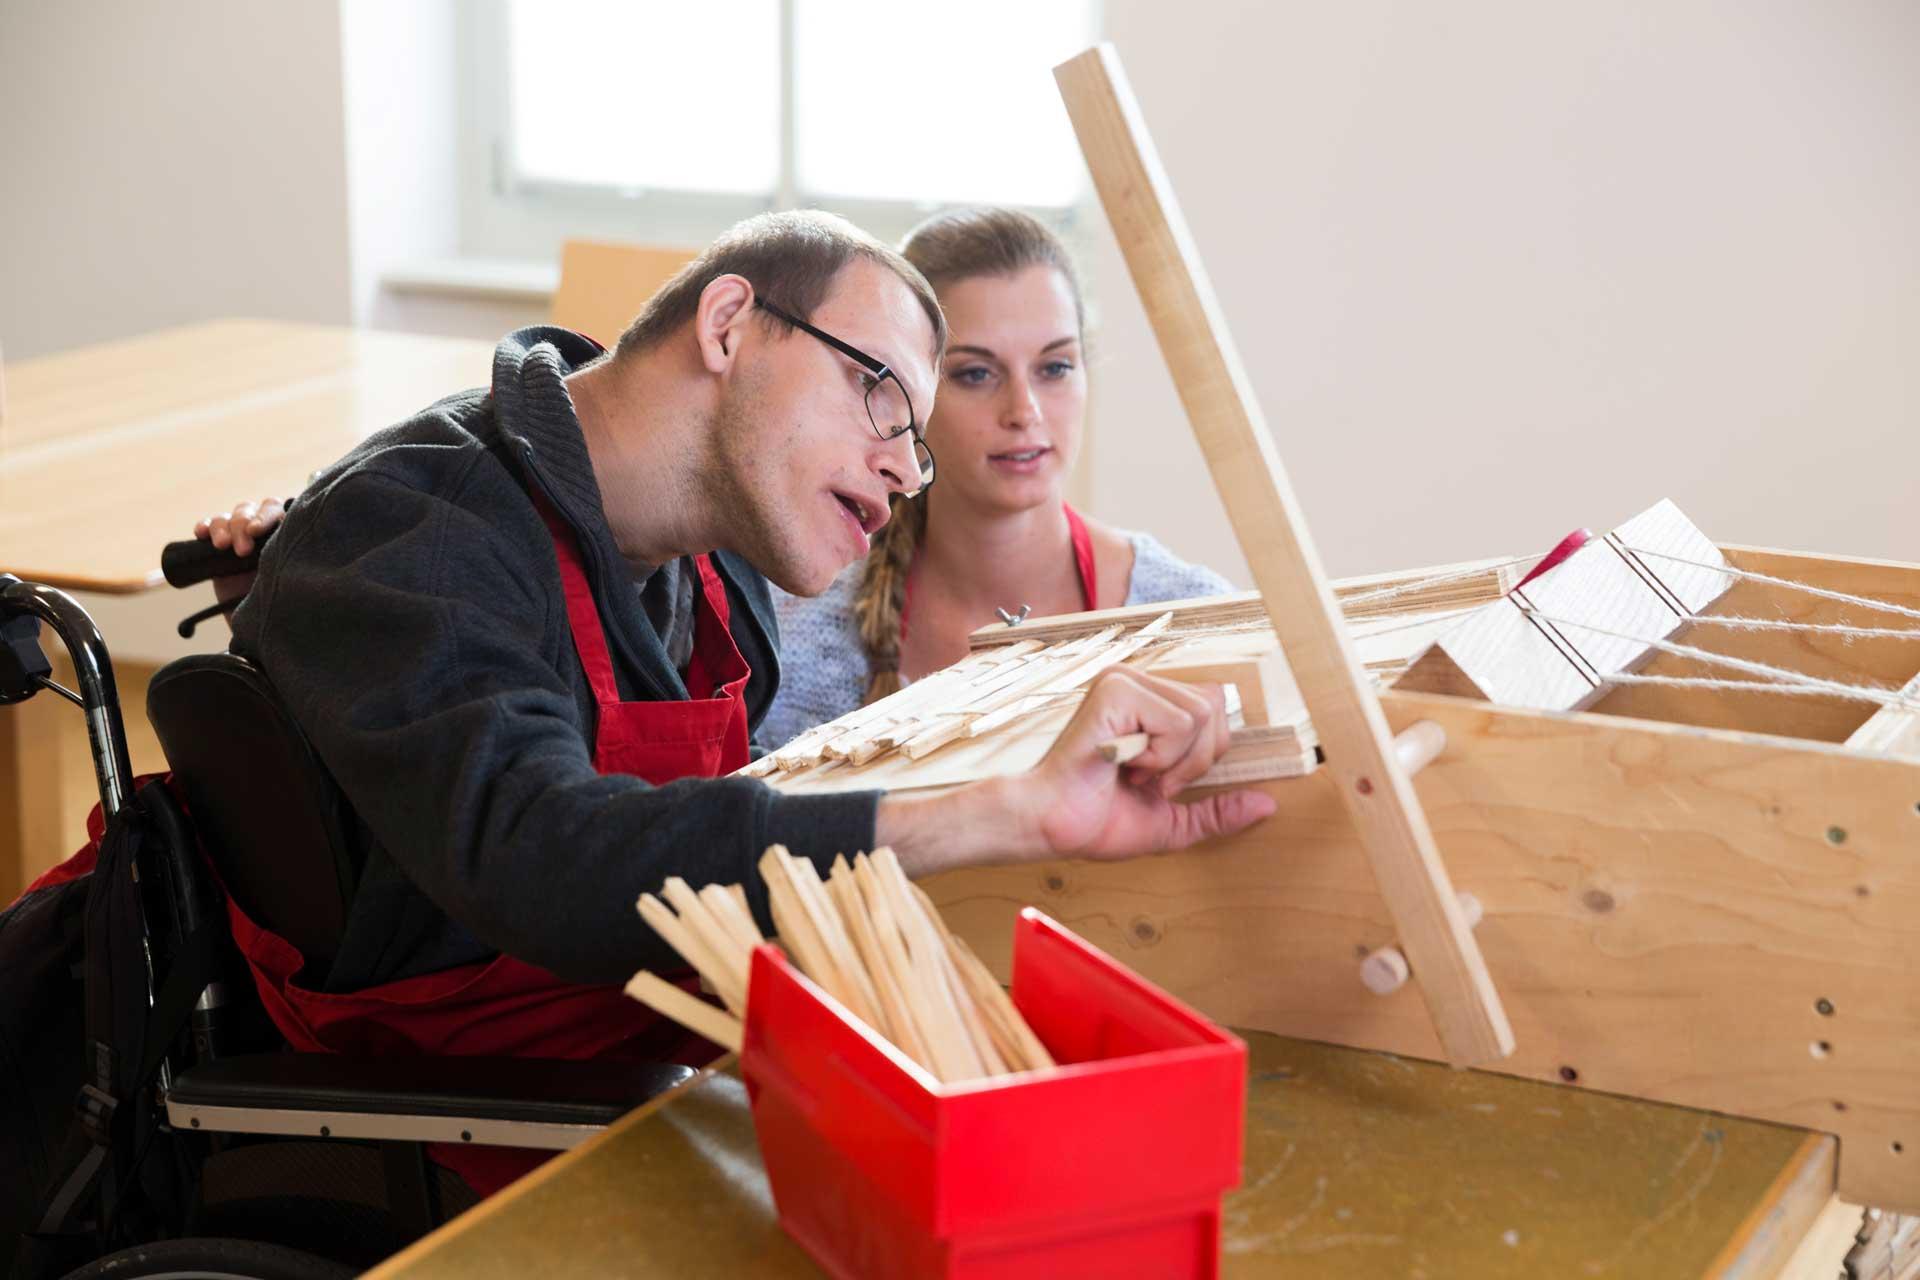 Im Atelier Holz der Stiftung für Schwerbehinderte Luzern SSBL in Rathausen; Arbeitsagogin Franziska Bodul mit Bewohner Muhamet Ibrahimi. | © 2017 Nique Nager